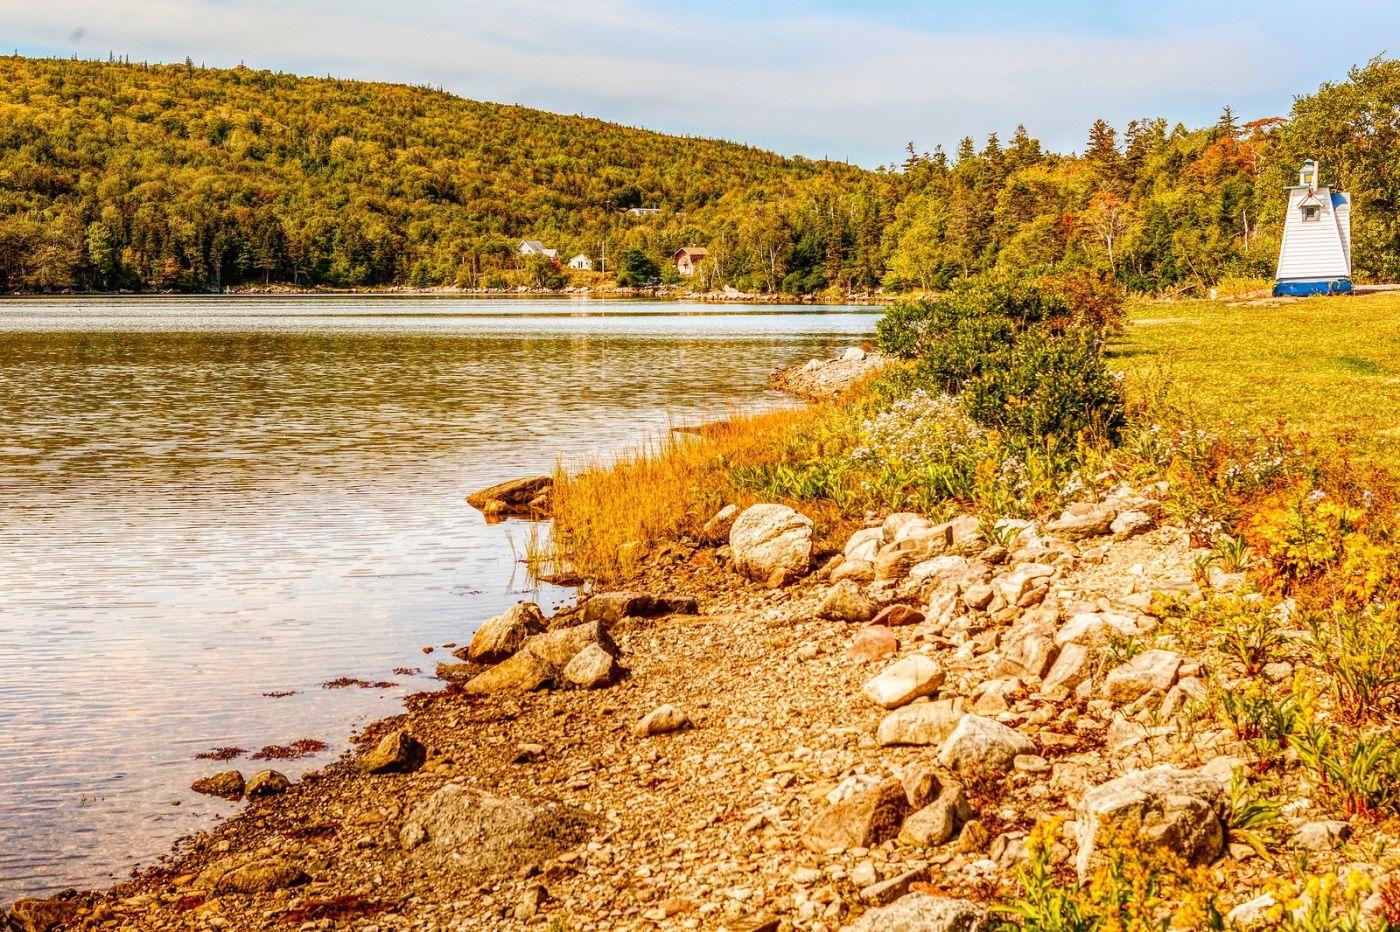 加拿大路途,水边抓拍_图1-22